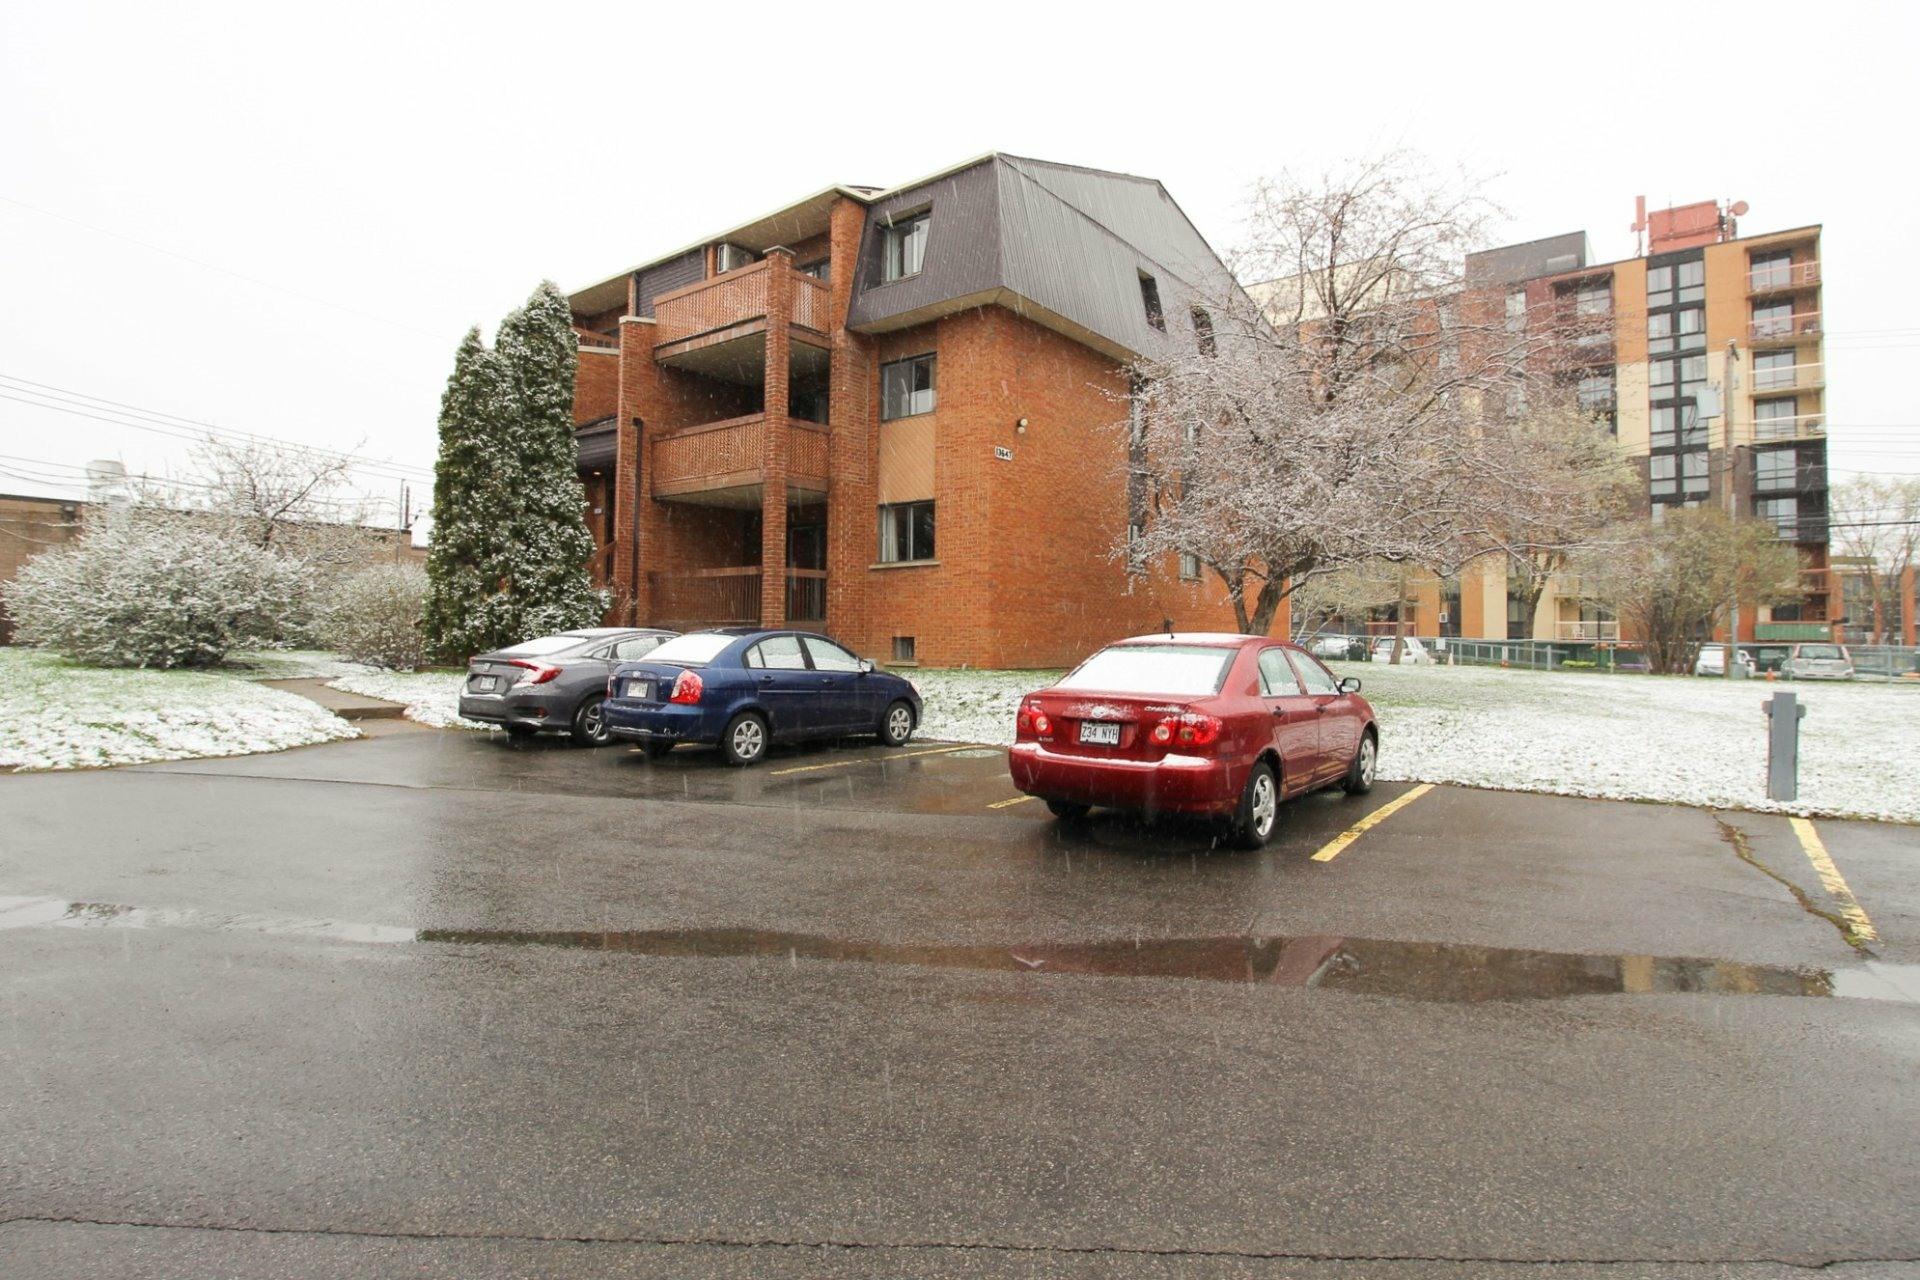 image 24 - Appartement À vendre Rivière-des-Prairies/Pointe-aux-Trembles Montréal  - 5 pièces